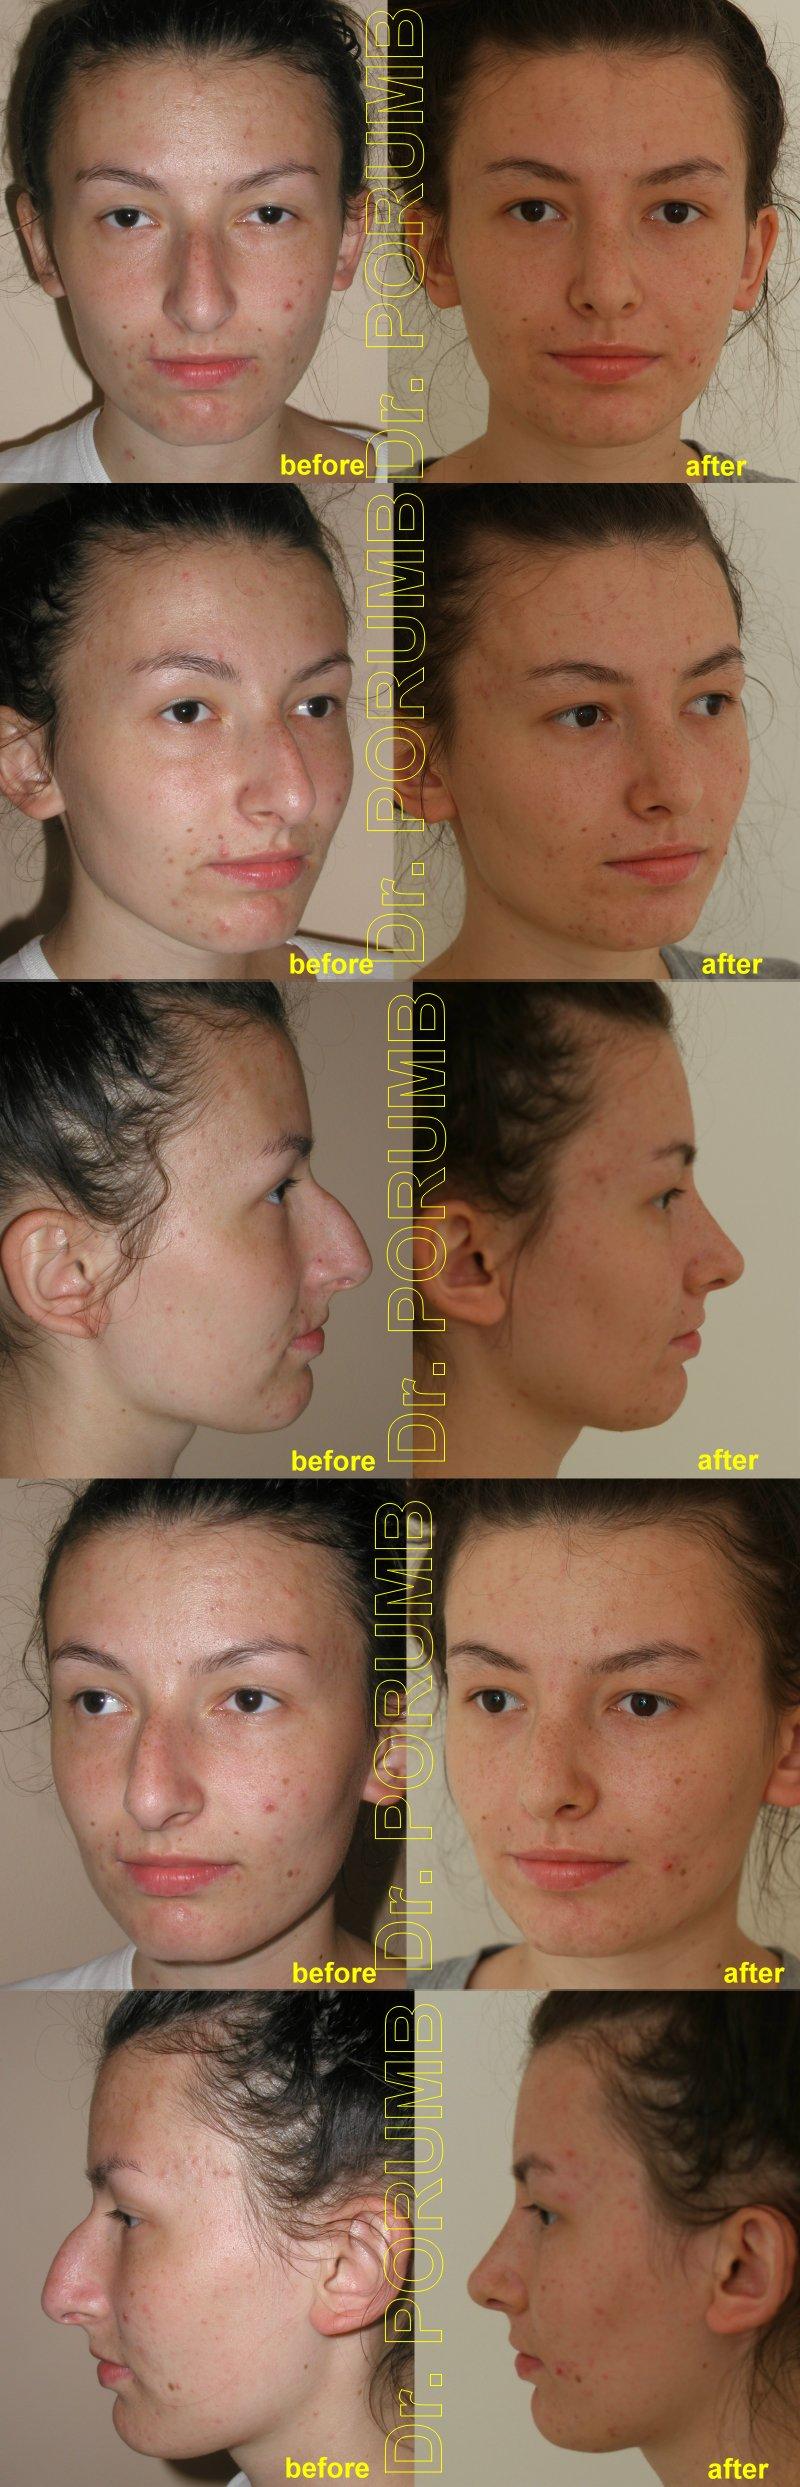 Pacienta de 19 ani, nemultumita de aspectul estetic al nasului, de marimea nasului, doreste sa apeleze la chirurgie estetica de rinoplastie (operatie estetica nas), cu corectia deviatiei de sept si deviatiei de nas, indepartarea cocoasei si micsorarea nasului, subtierea nasului si a bazei piramidei nazale si scurtarea nasului